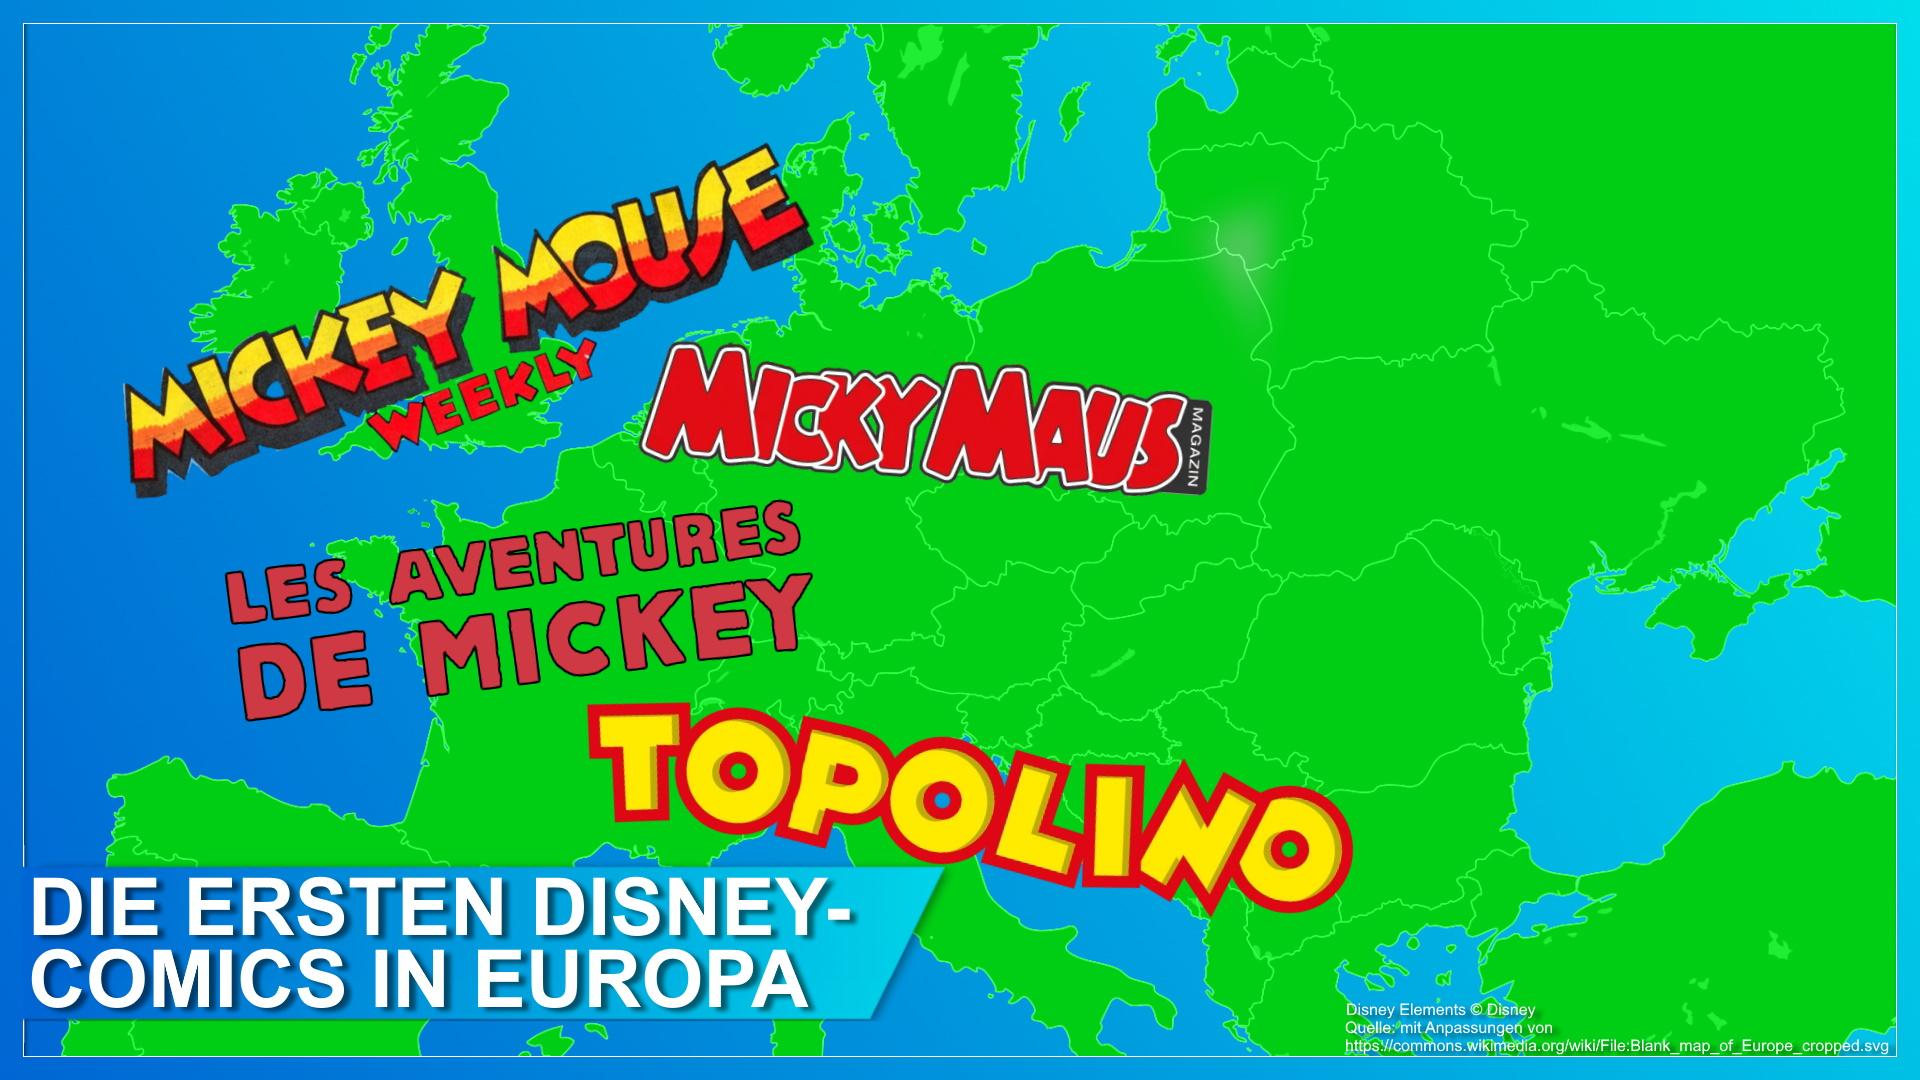 Die ersten Disney-Comics in Europa